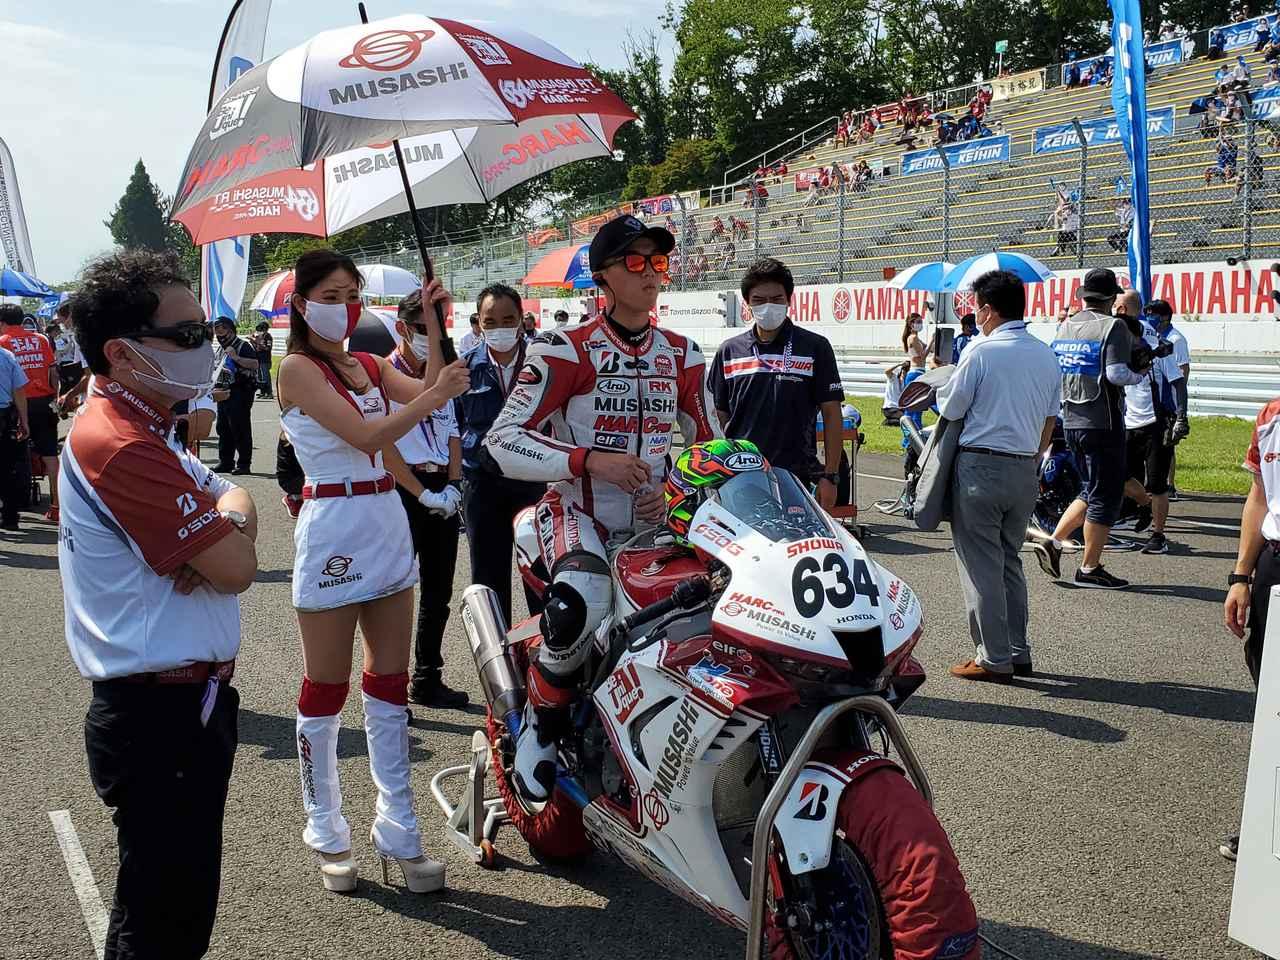 Images : 5番目の画像 - 「60枚以上の写真でお届け! ファンの皆さんも熱かった全日本ロードレースSUGO大会!(大関さおり)」のアルバム - webオートバイ